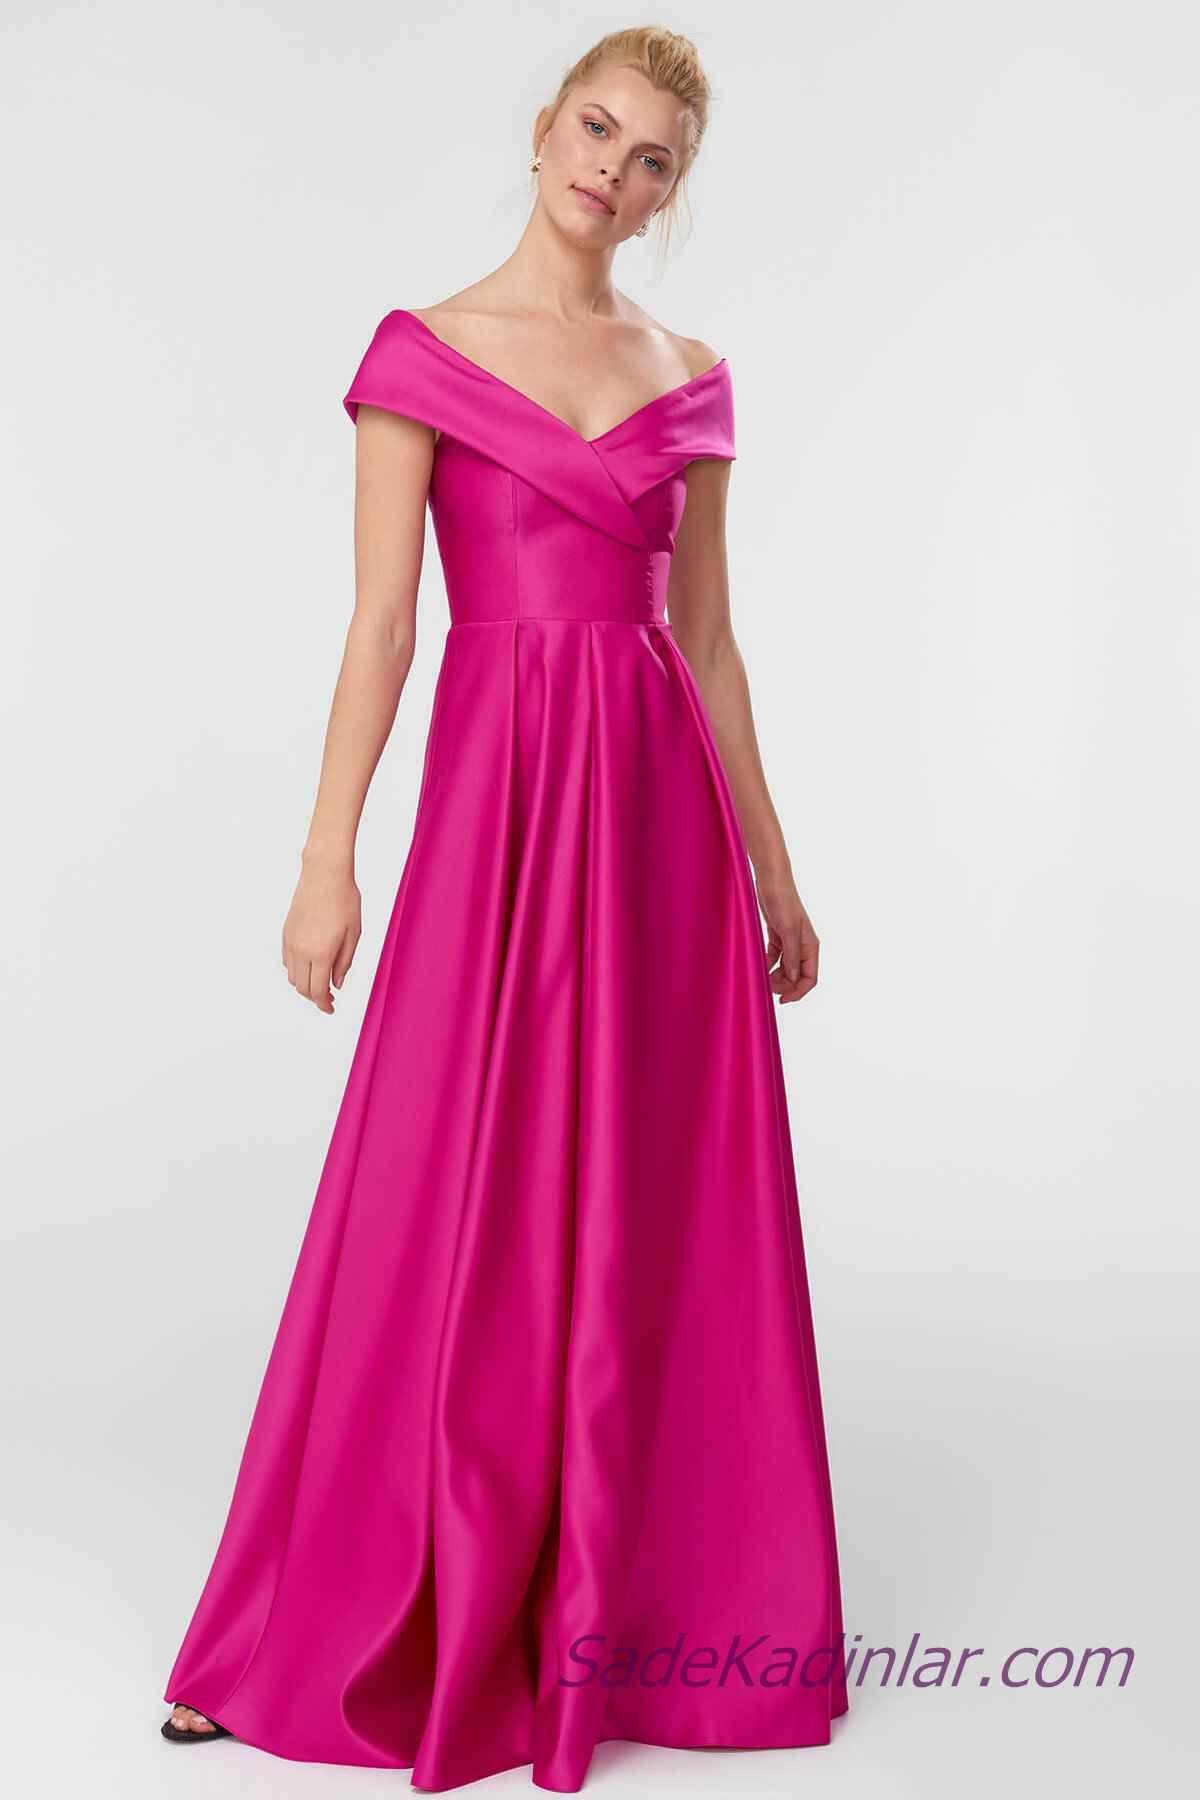 2021 Abiye Elbise Modelleri Fusya Saten Uzun Karmen Yaka Klos Etekli Elbise Modelleri The Dress Elbise